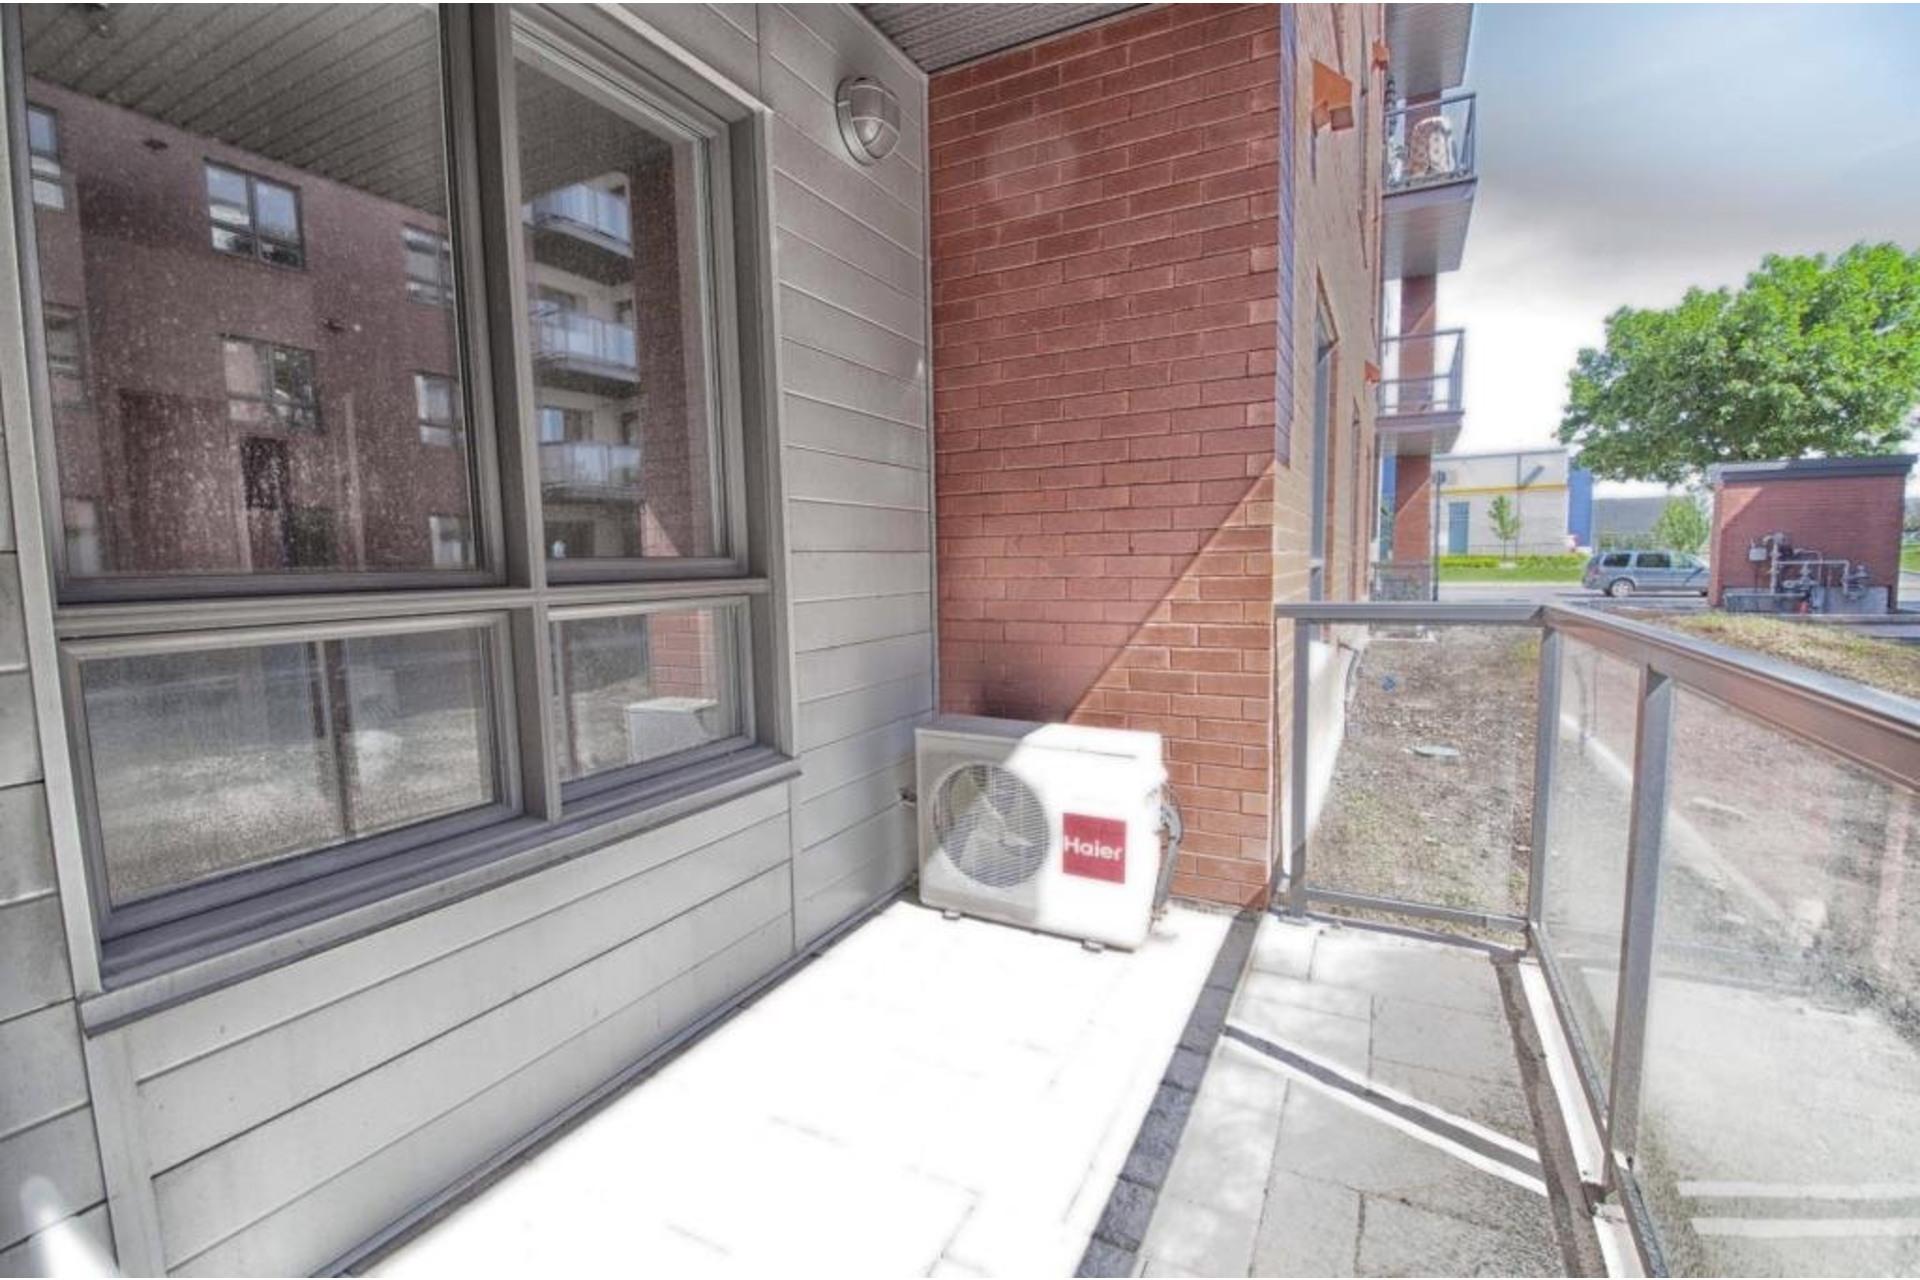 image 22 - Apartment For rent Rivière-des-Prairies/Pointe-aux-Trembles Montréal  - 6 rooms